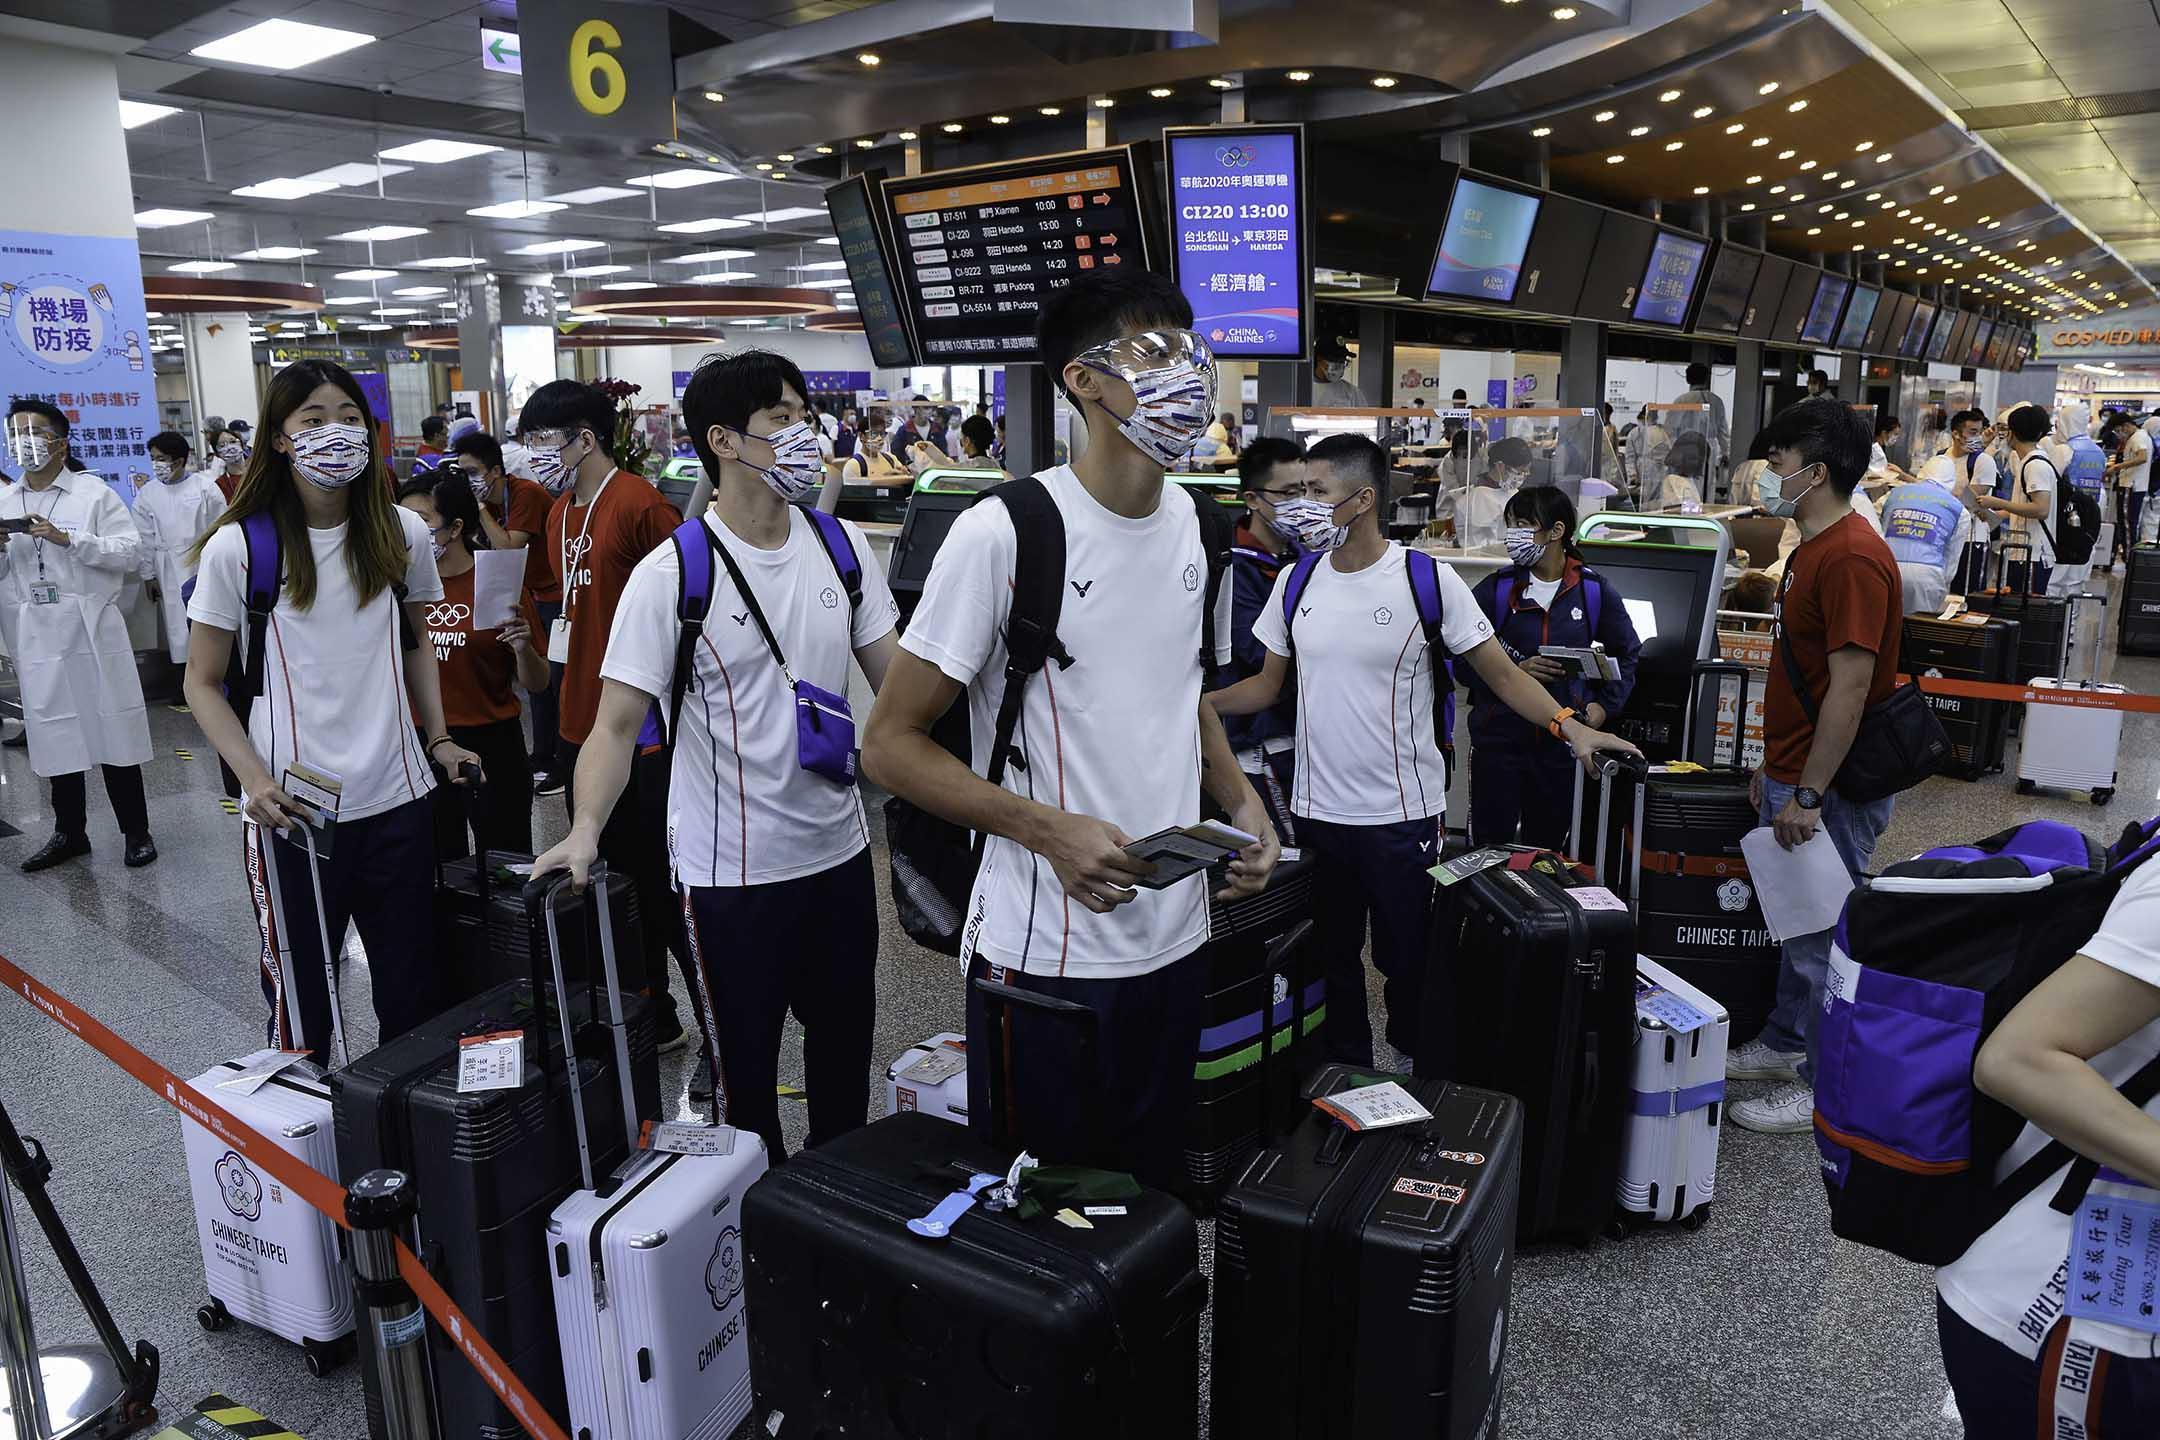 2021年7月19日台灣台北,台灣運動員前往東京參加奧運會。